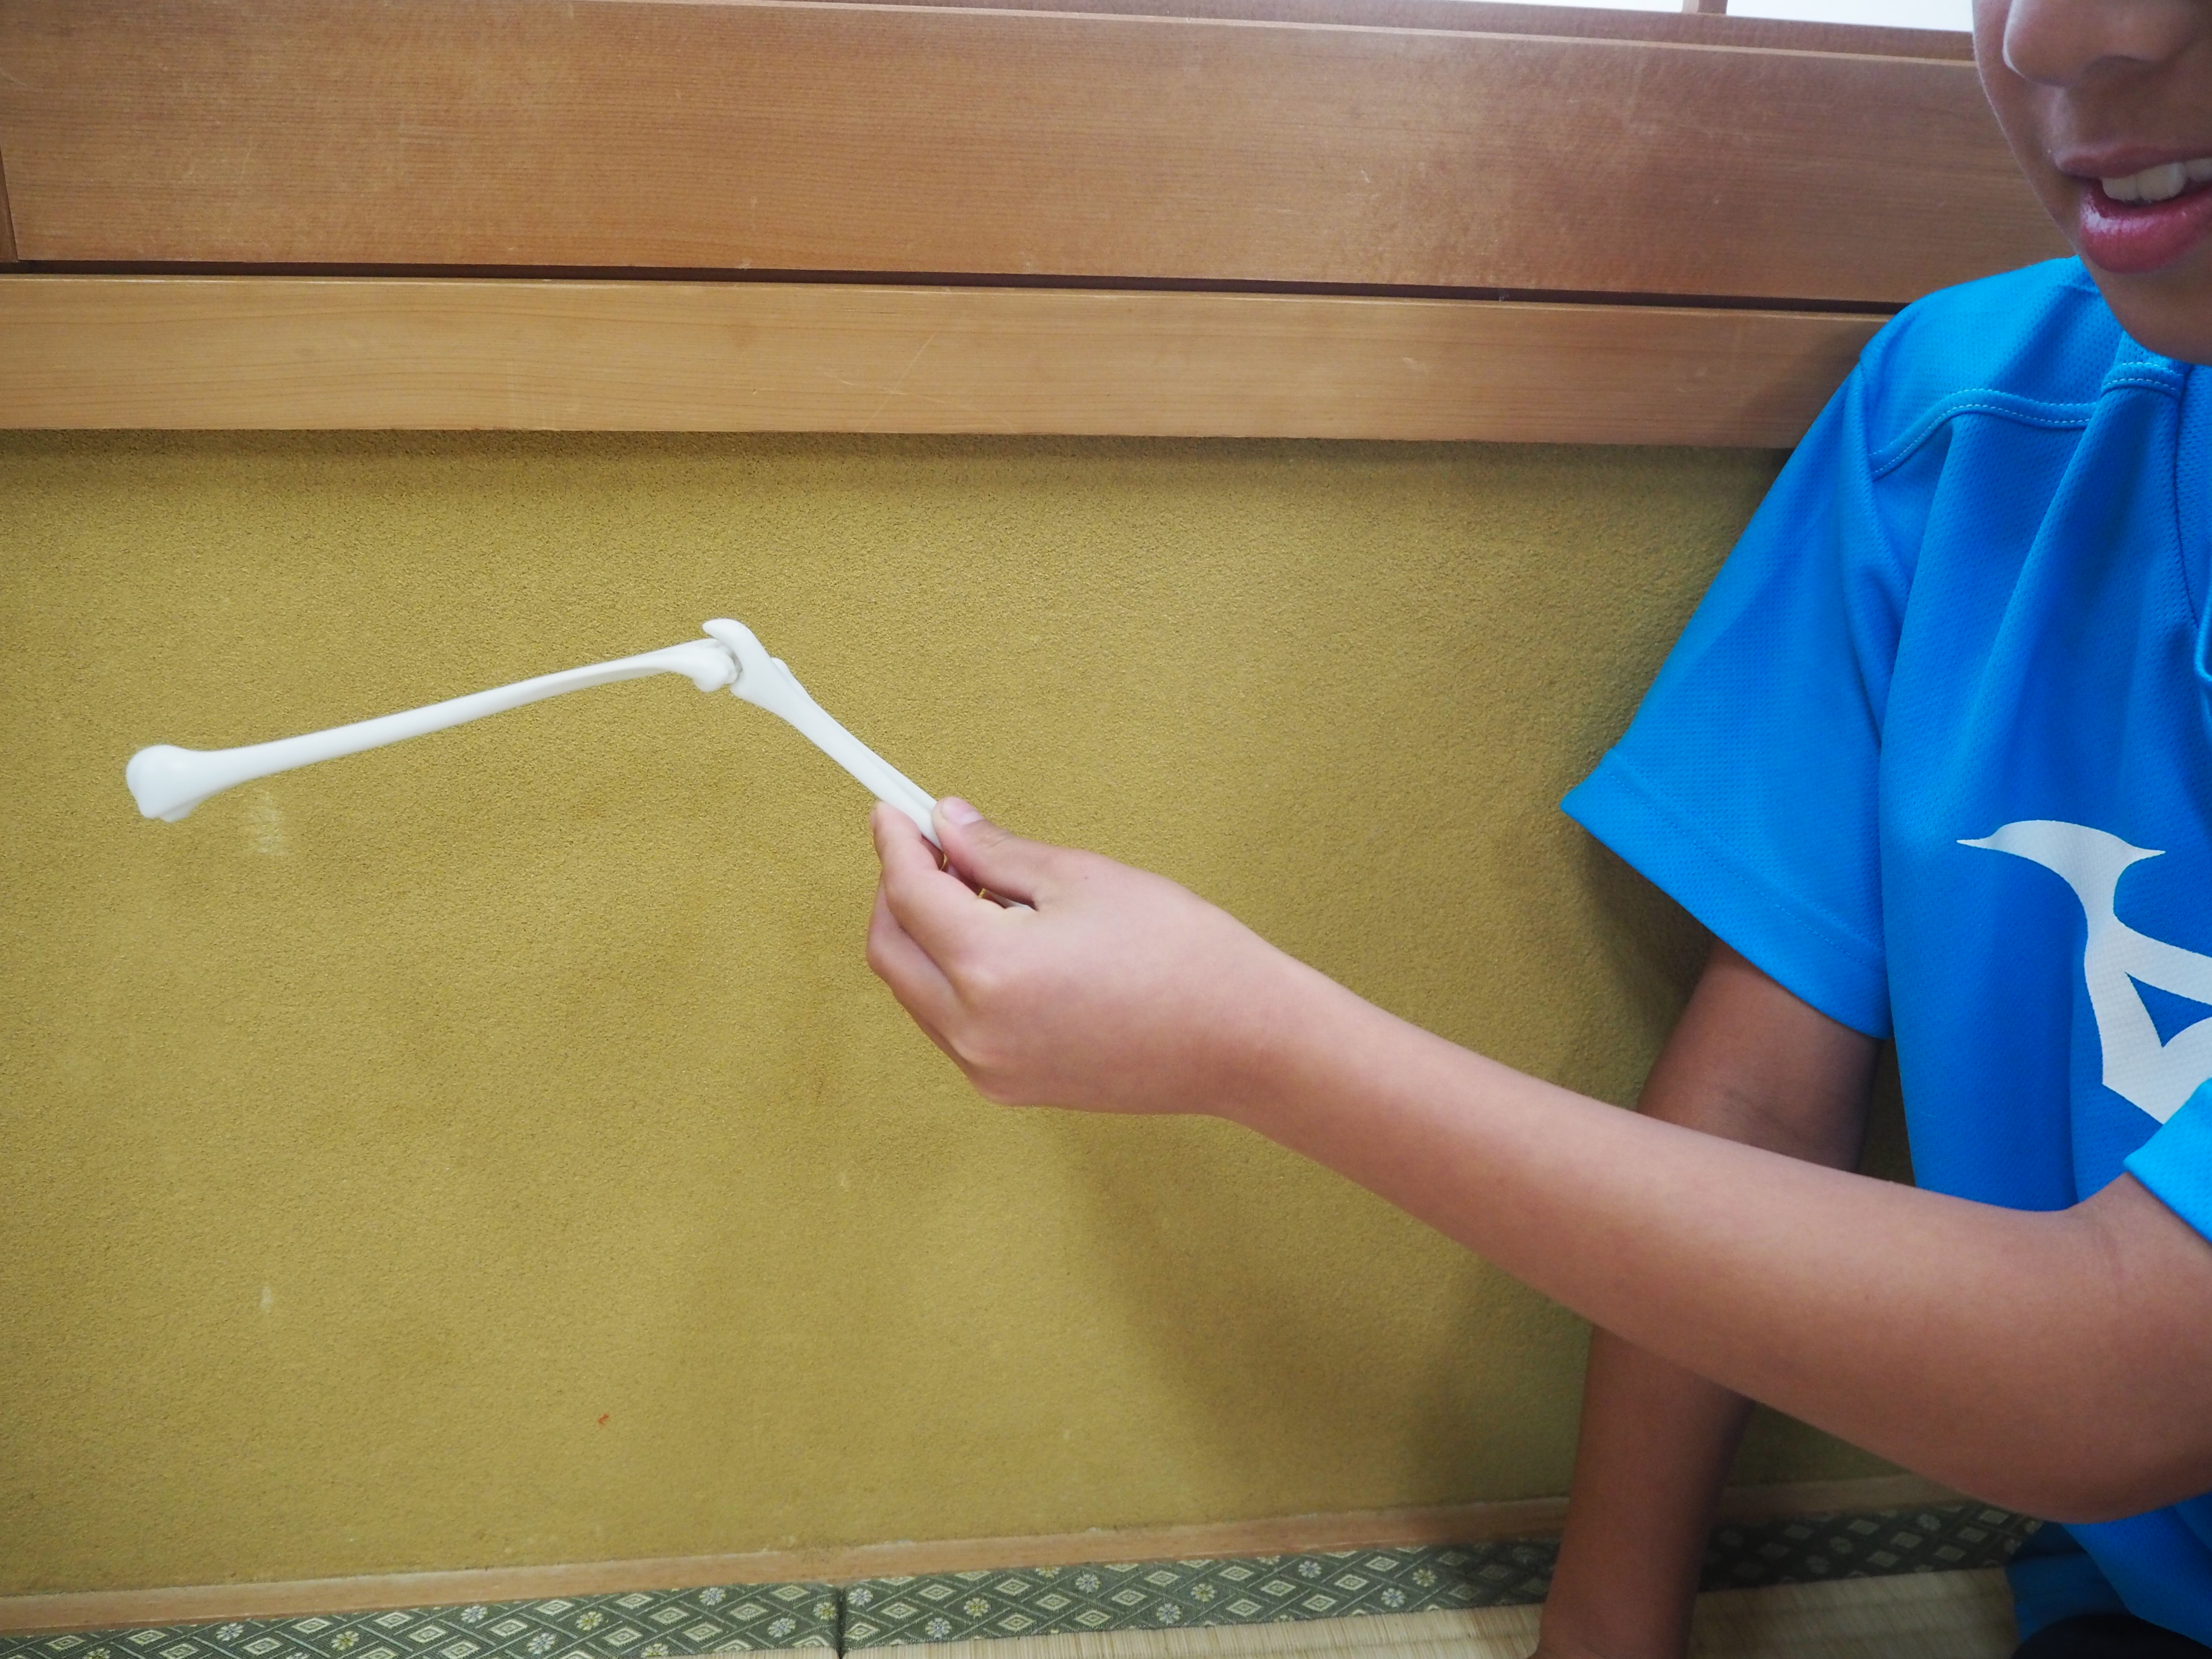 左の上腕骨と、とう骨&尺骨をつなぎ、つなぎ目がひじの関節になります。ち関節で曲げることができます。